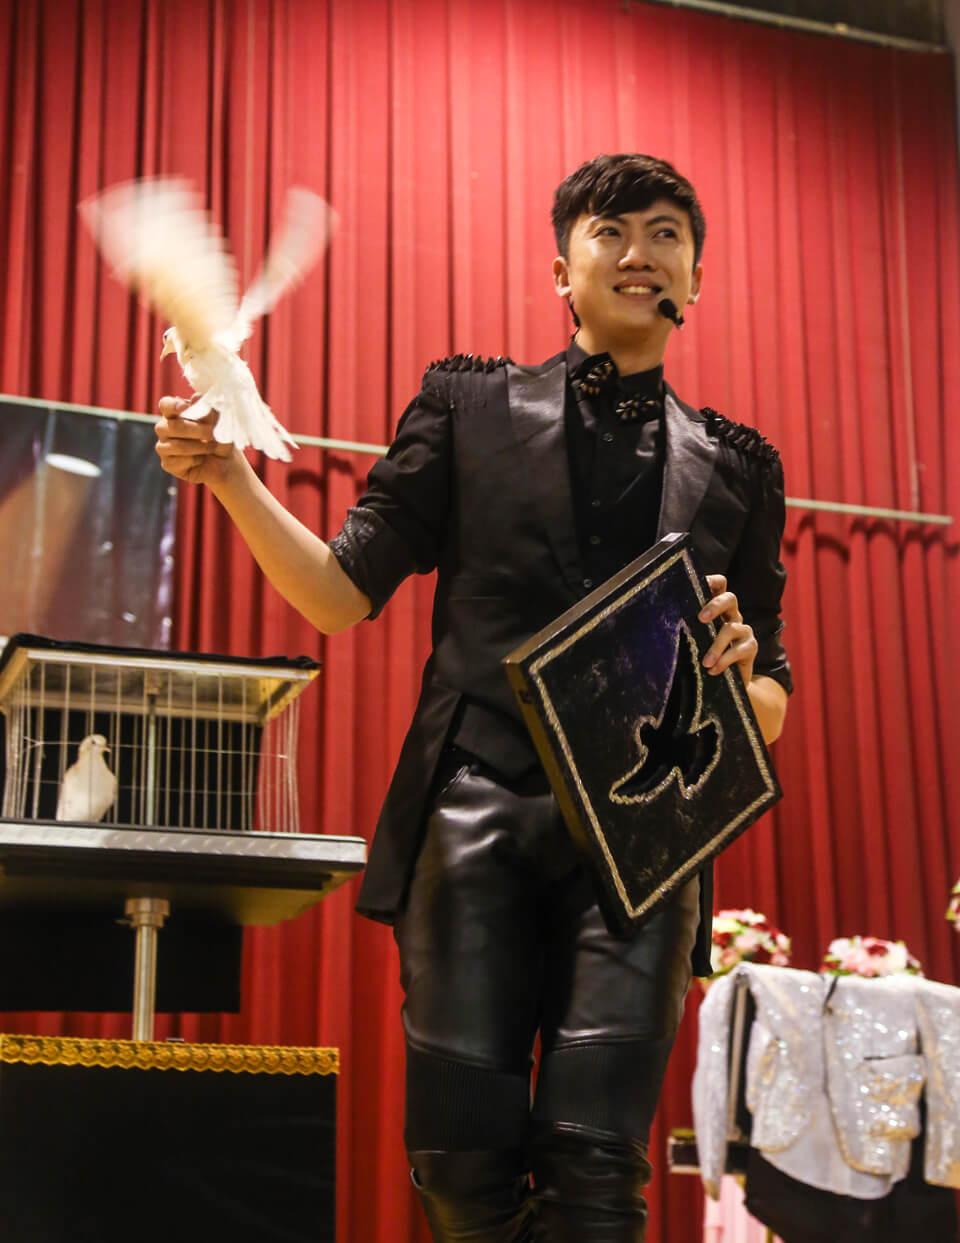 魔術師變出鴿子的瞬間,台下滿是觀眾的驚嘆聲!!